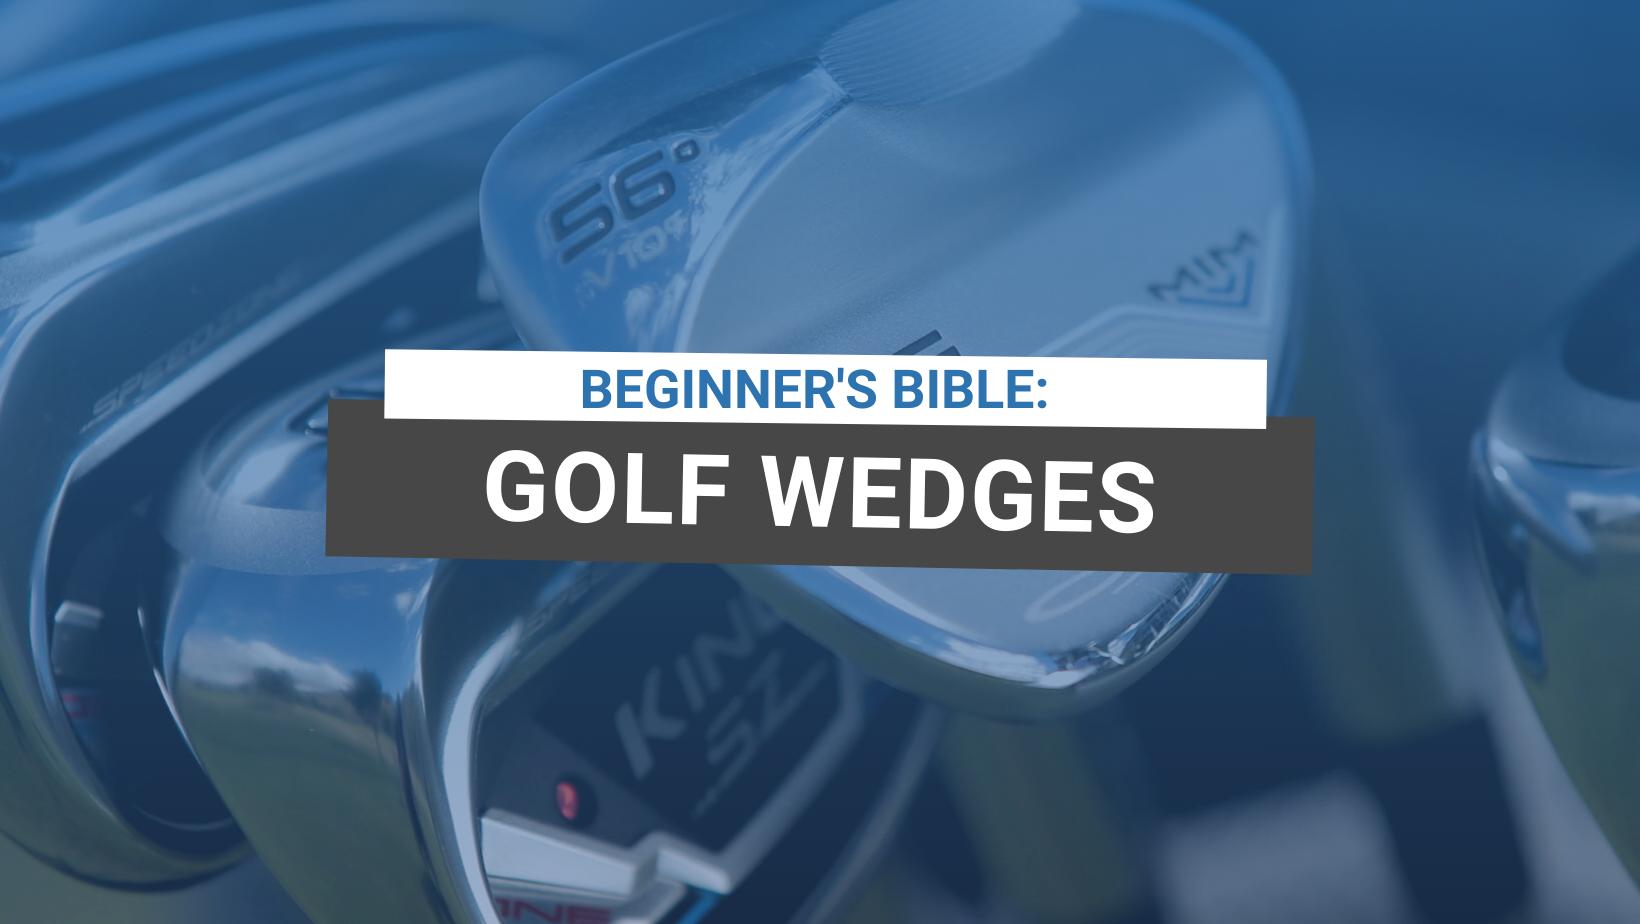 Beginner's Bible: Golf Wedges